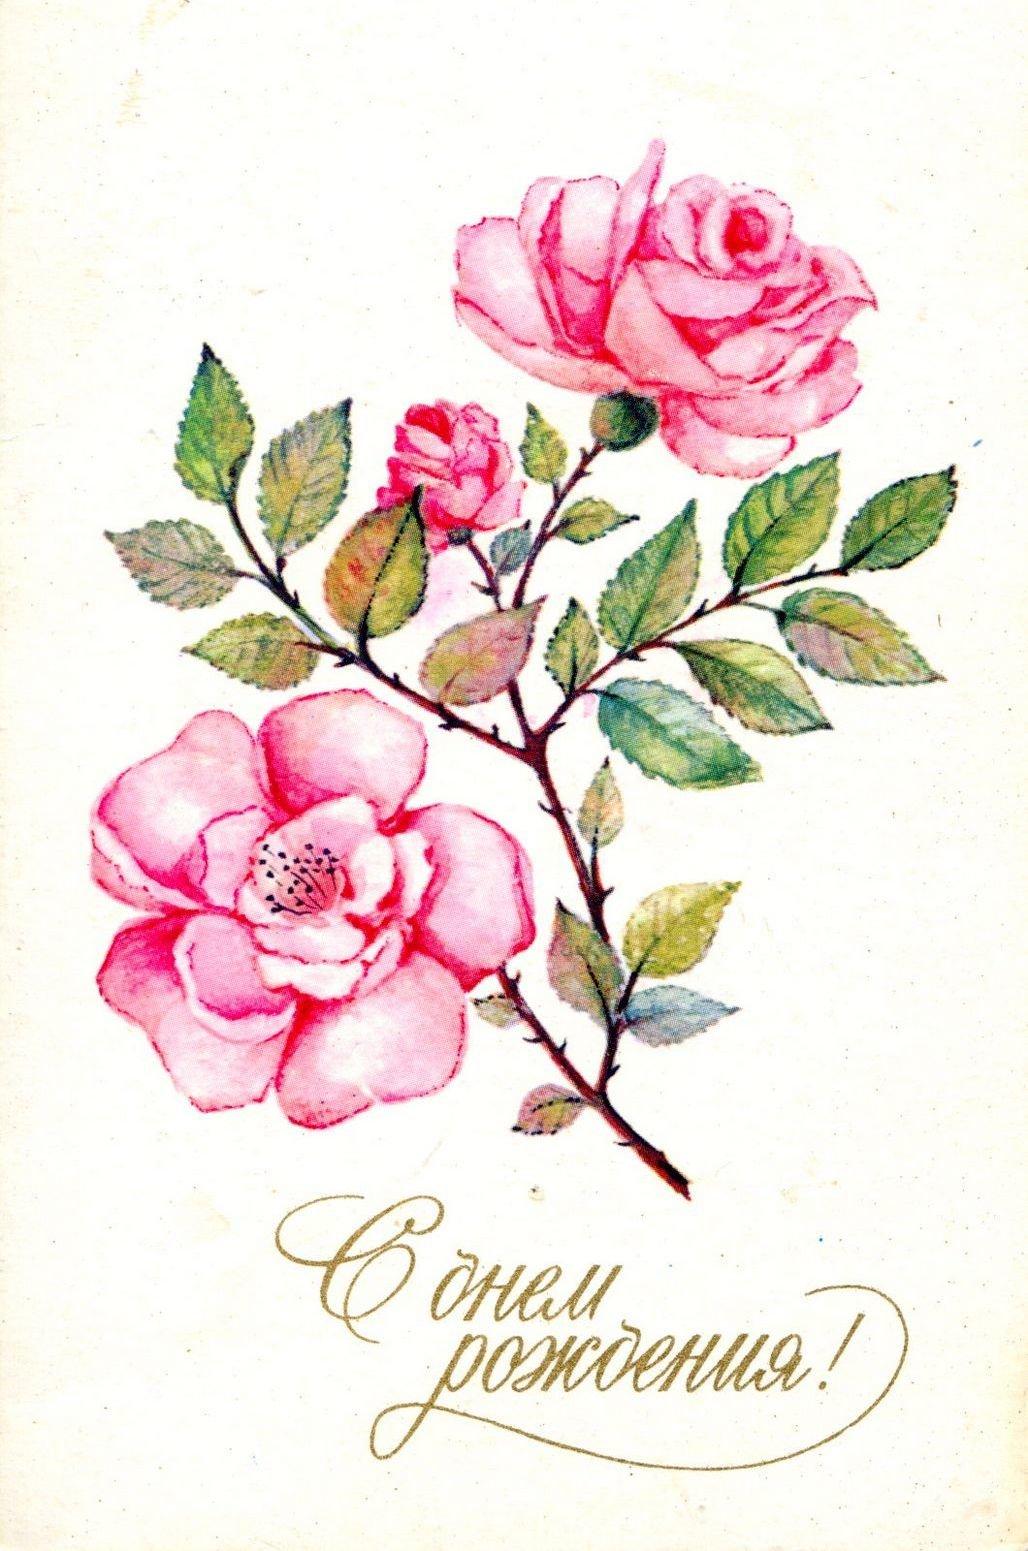 Красивая открытка с днем рождения карандашом красивые, рождением дочки контакте